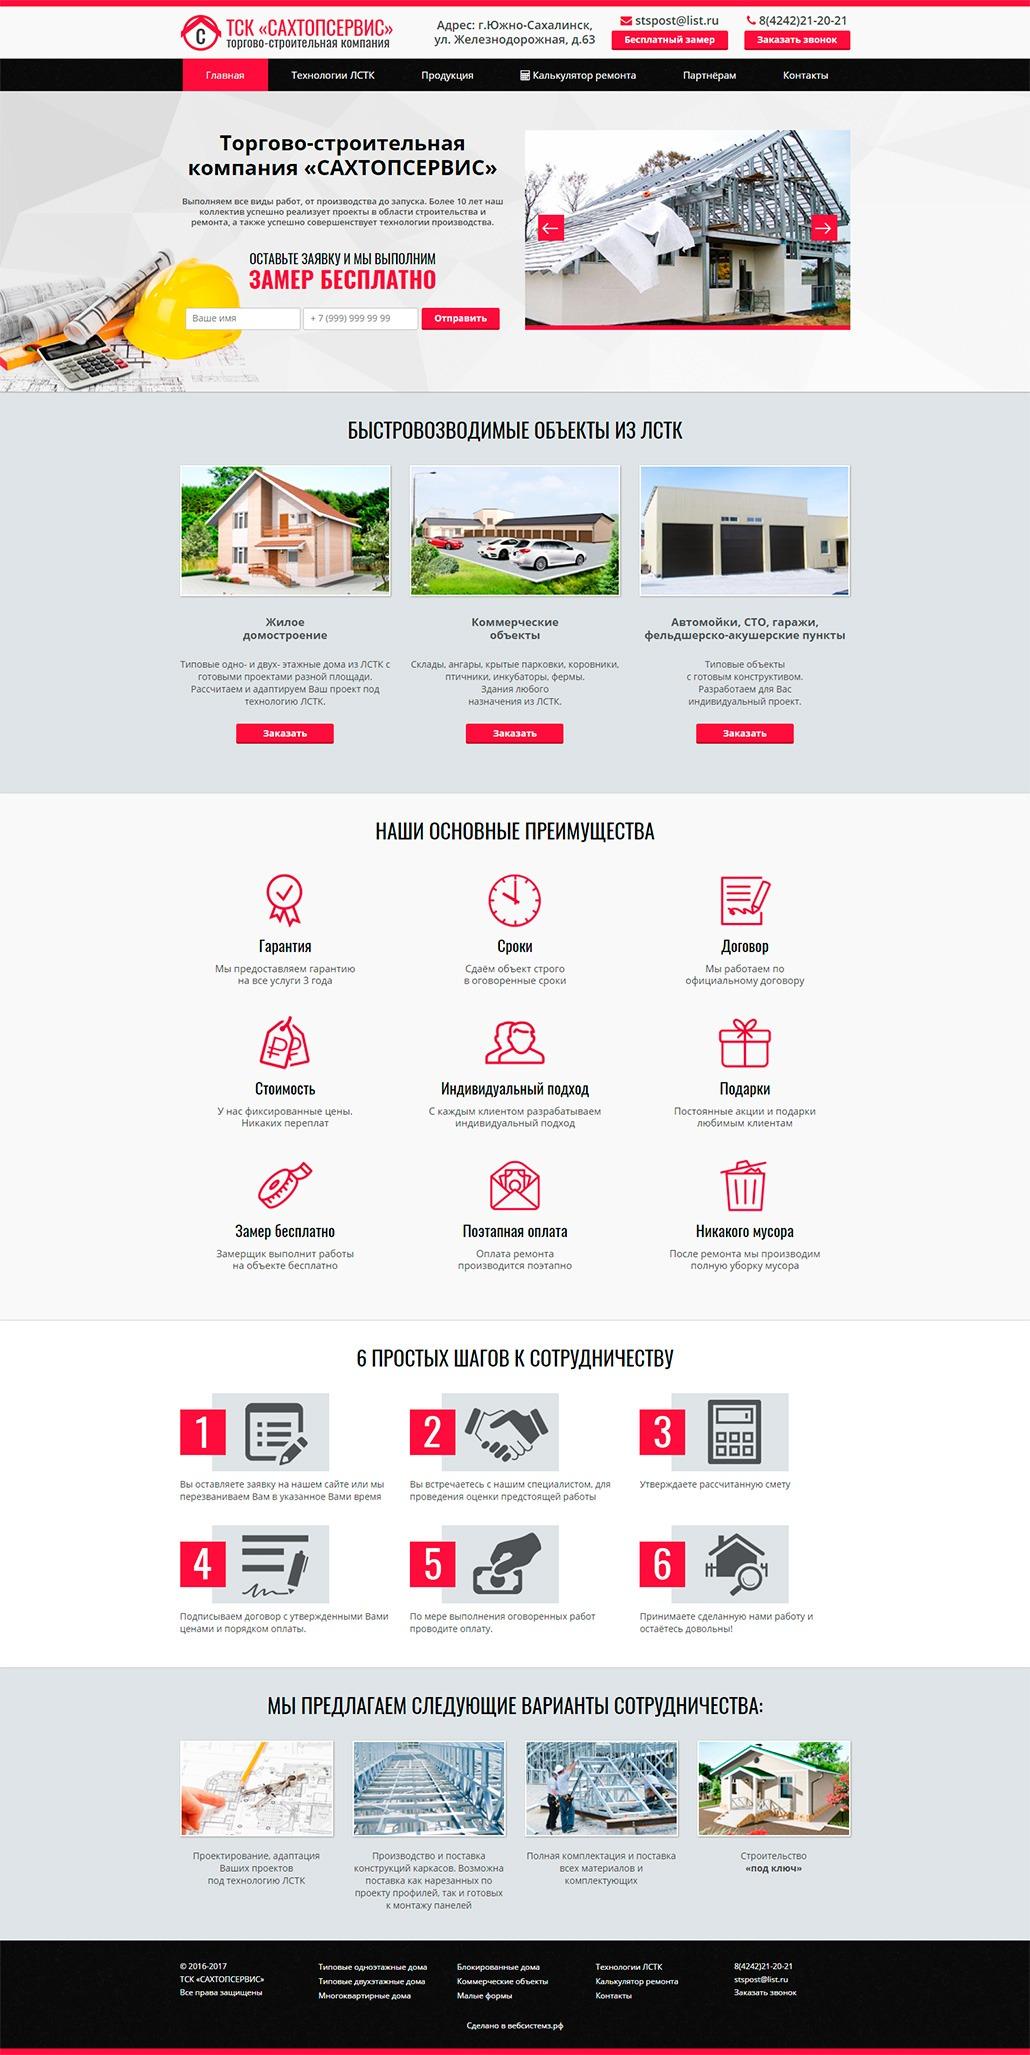 Изображение примера создания сайтов по строительству и ремонту